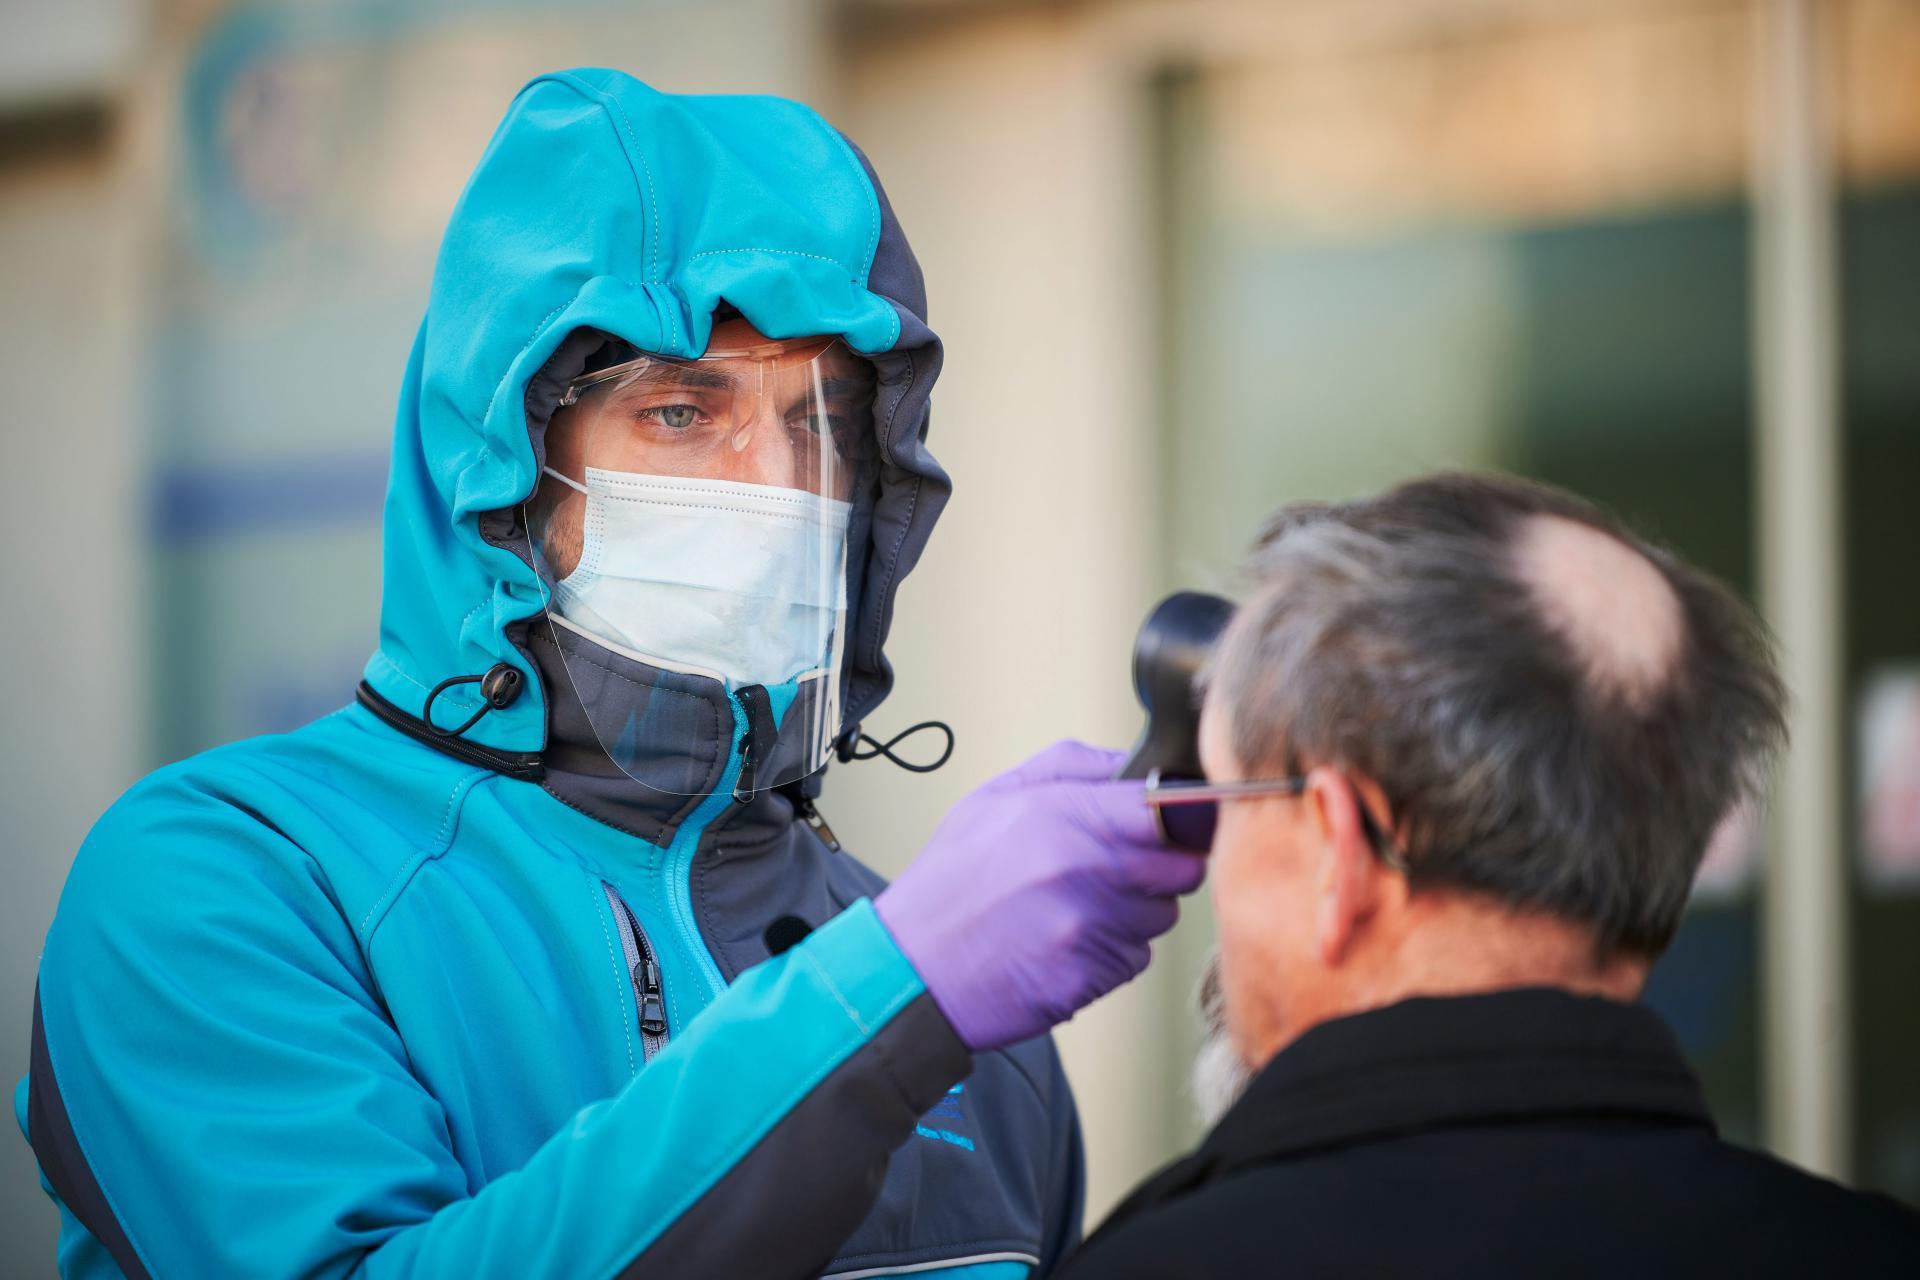 Инфекционист предупредила о быстром переходе легкого COVID-19 в тяжелую форму